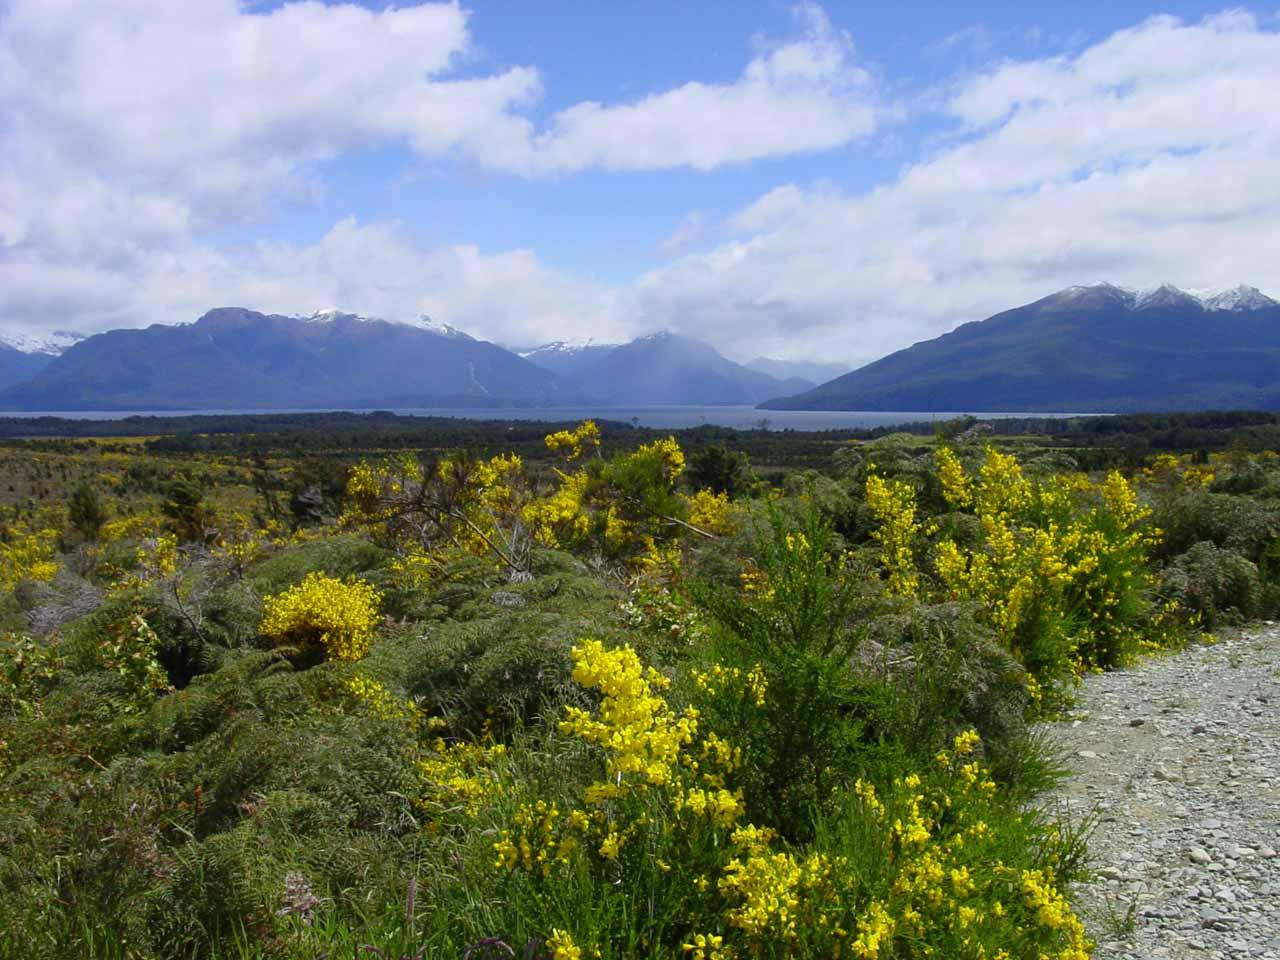 Lots of flowers blooming alongside the road as we looked towards Lake Te Anau